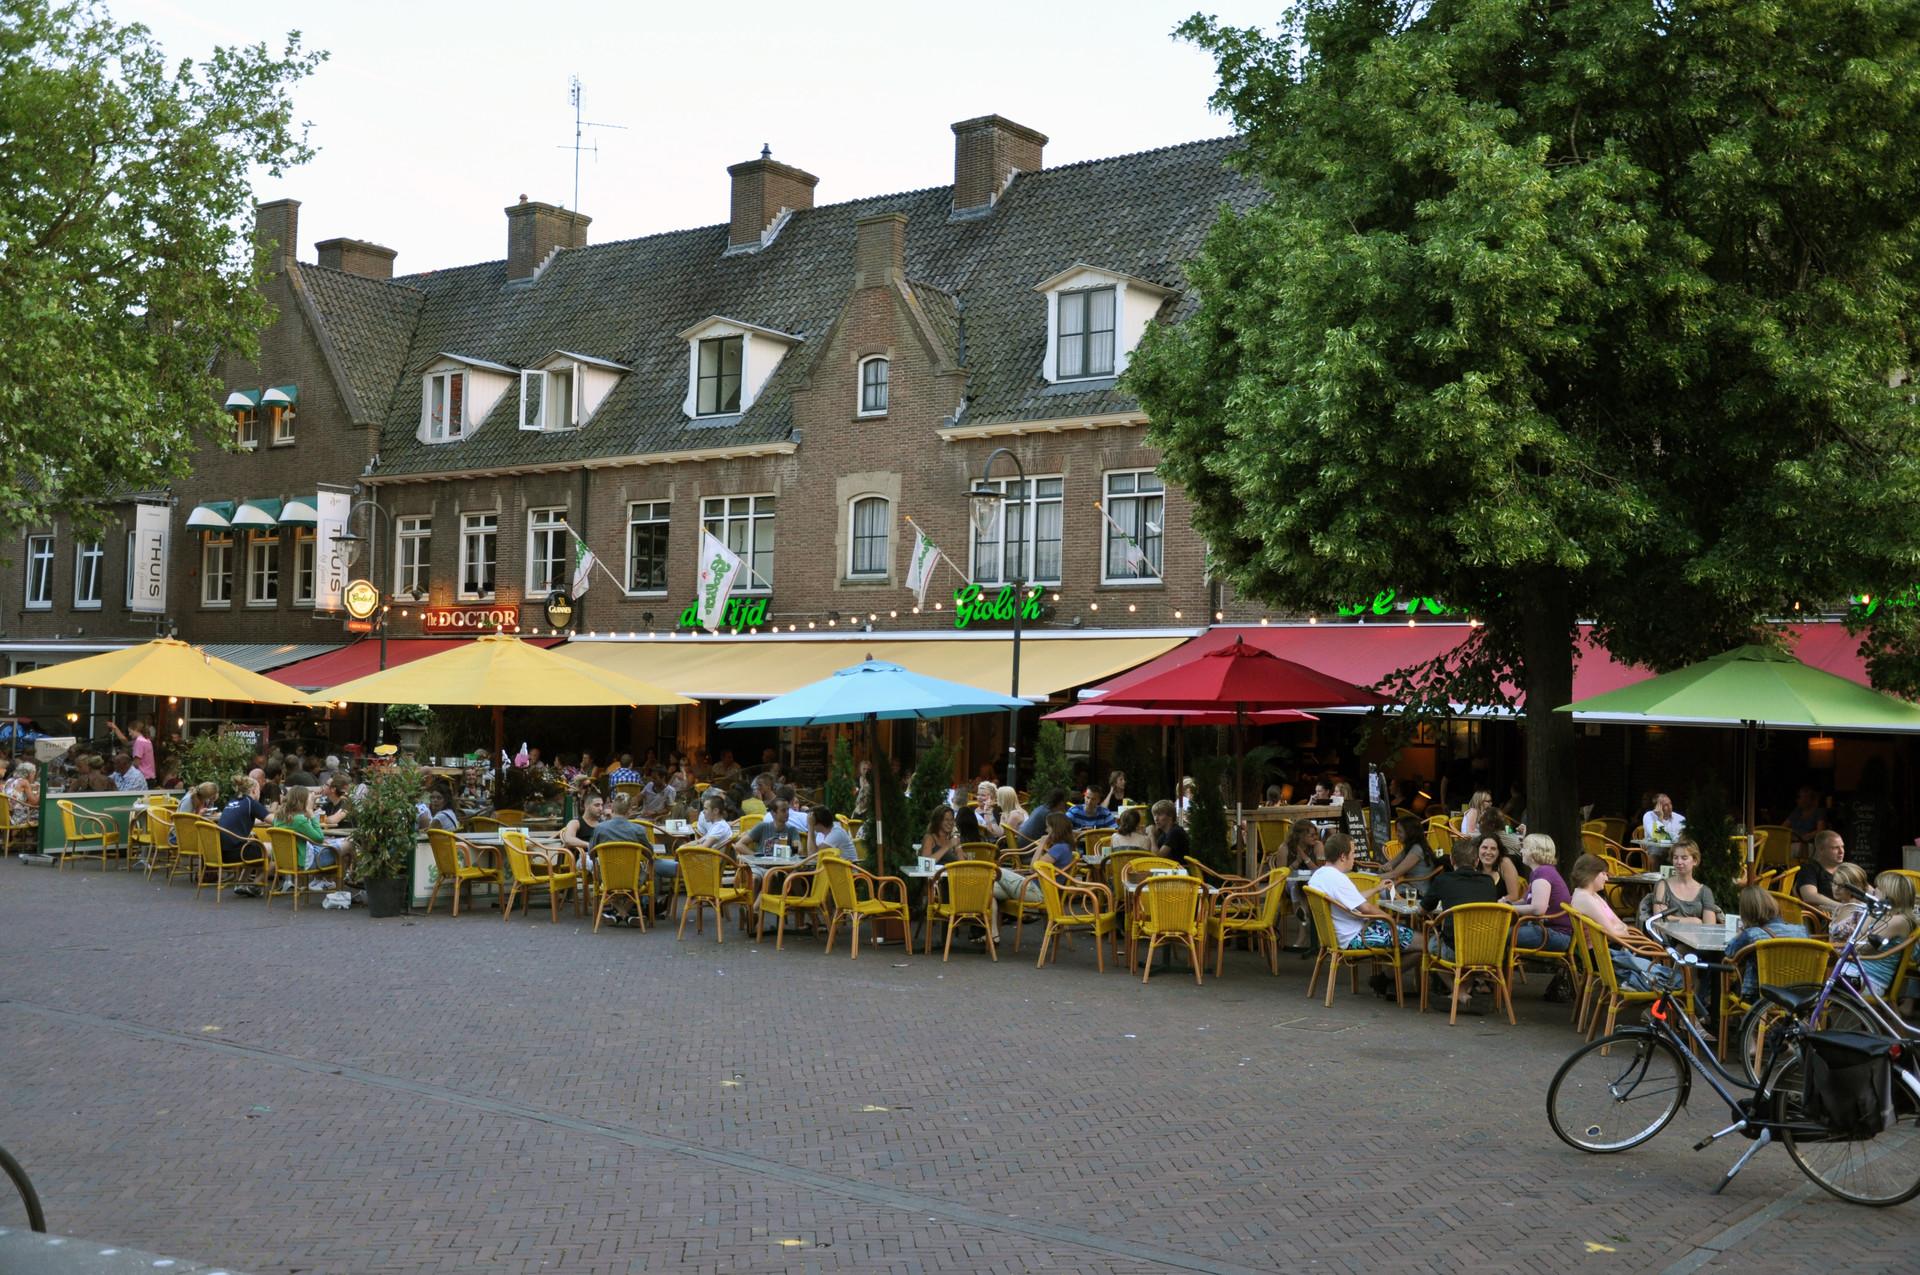 Experiência Erasmus em Wageningen, Holanda, por Lisa